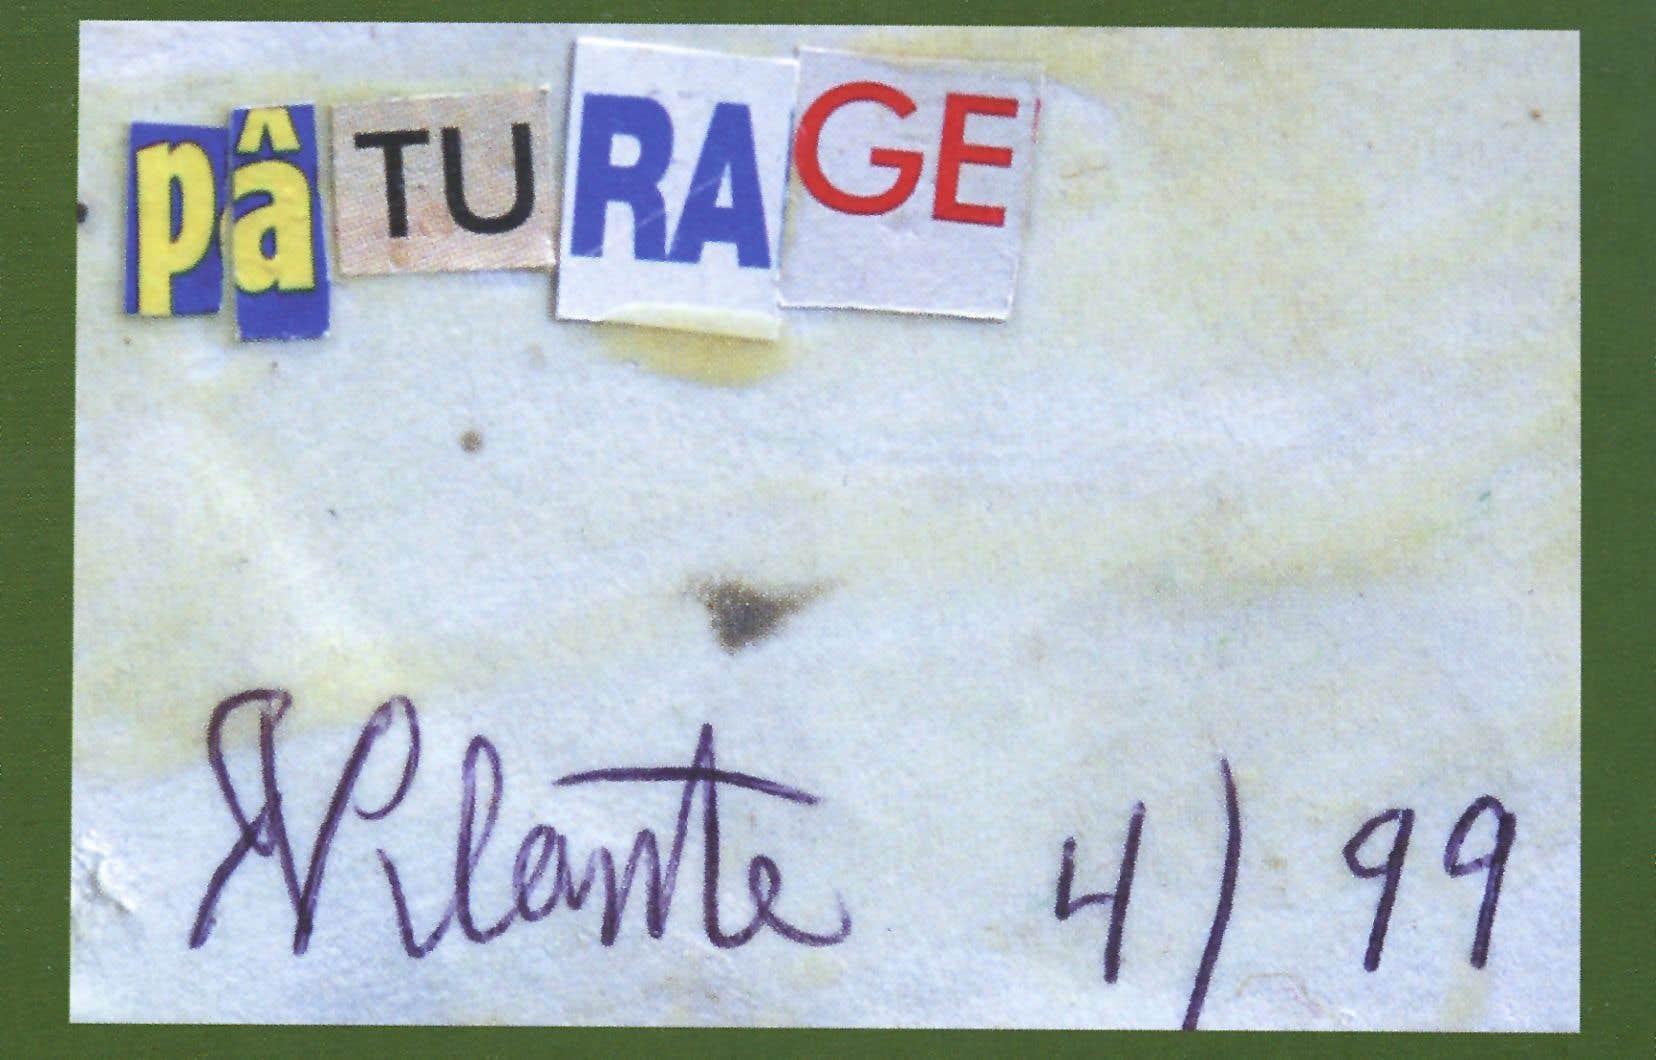 «Pâturage», Trophoux signé Roch Plante, collection Forget-Georgesco, Lanctôt éditeur.Cette œuvre ne fait pas partie du litige qui oppose actuellement Charles Forget et Stefan Georgesco, un duo d'amis de l'écrivain québécois, à sa liquidatrice, Monique Jean.